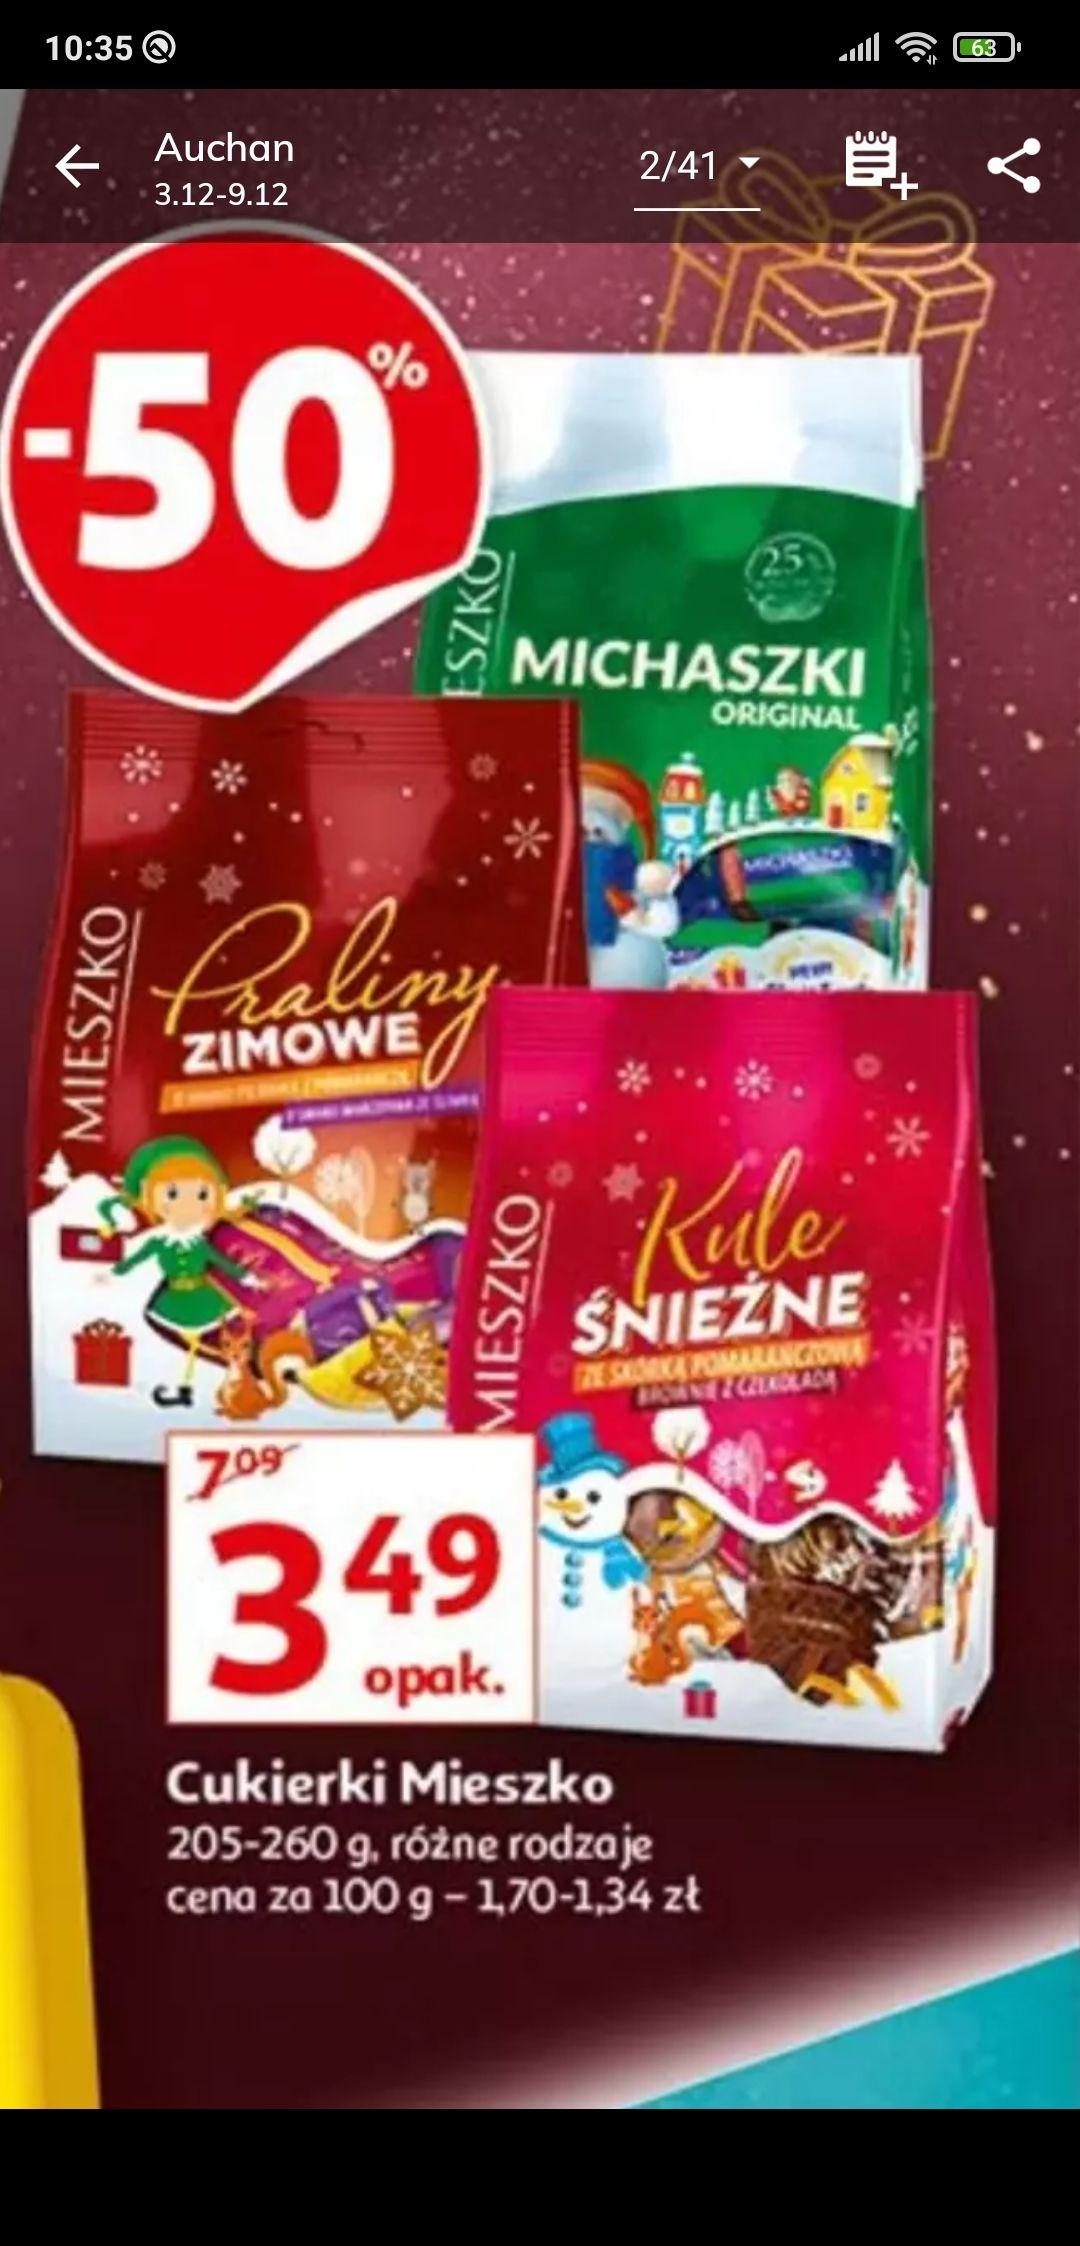 Cukierki Mieszko Auchan